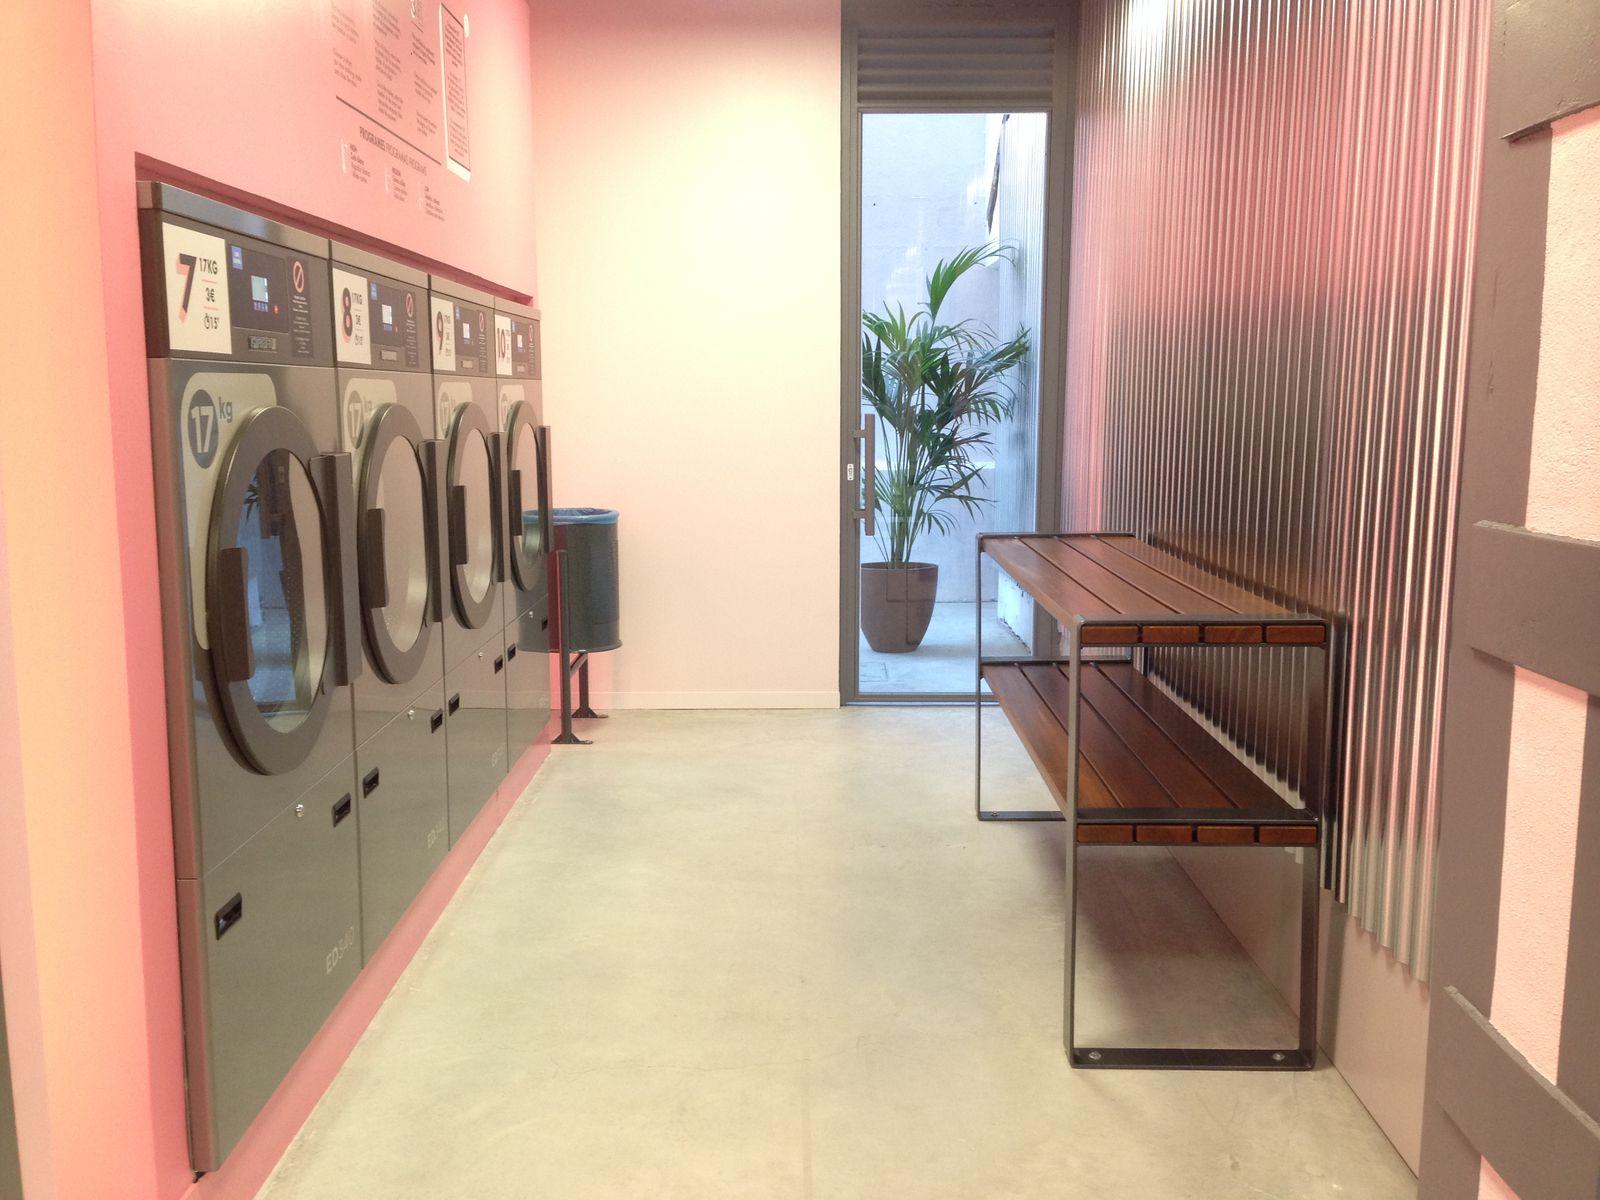 Bancos personalizados para lavanderías